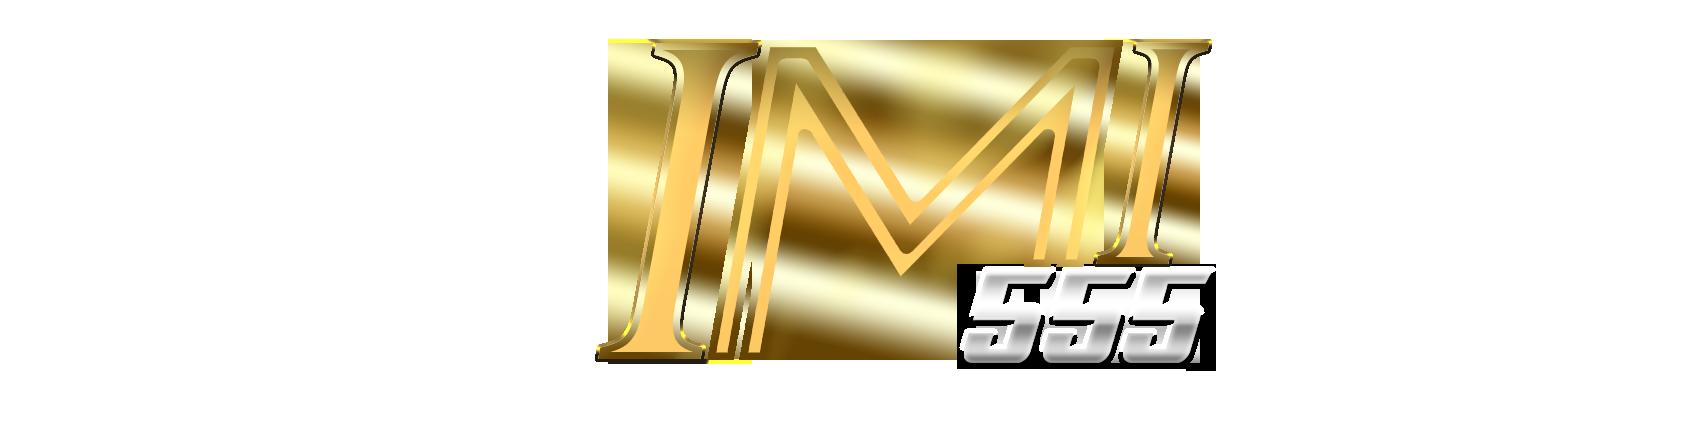 IMI555